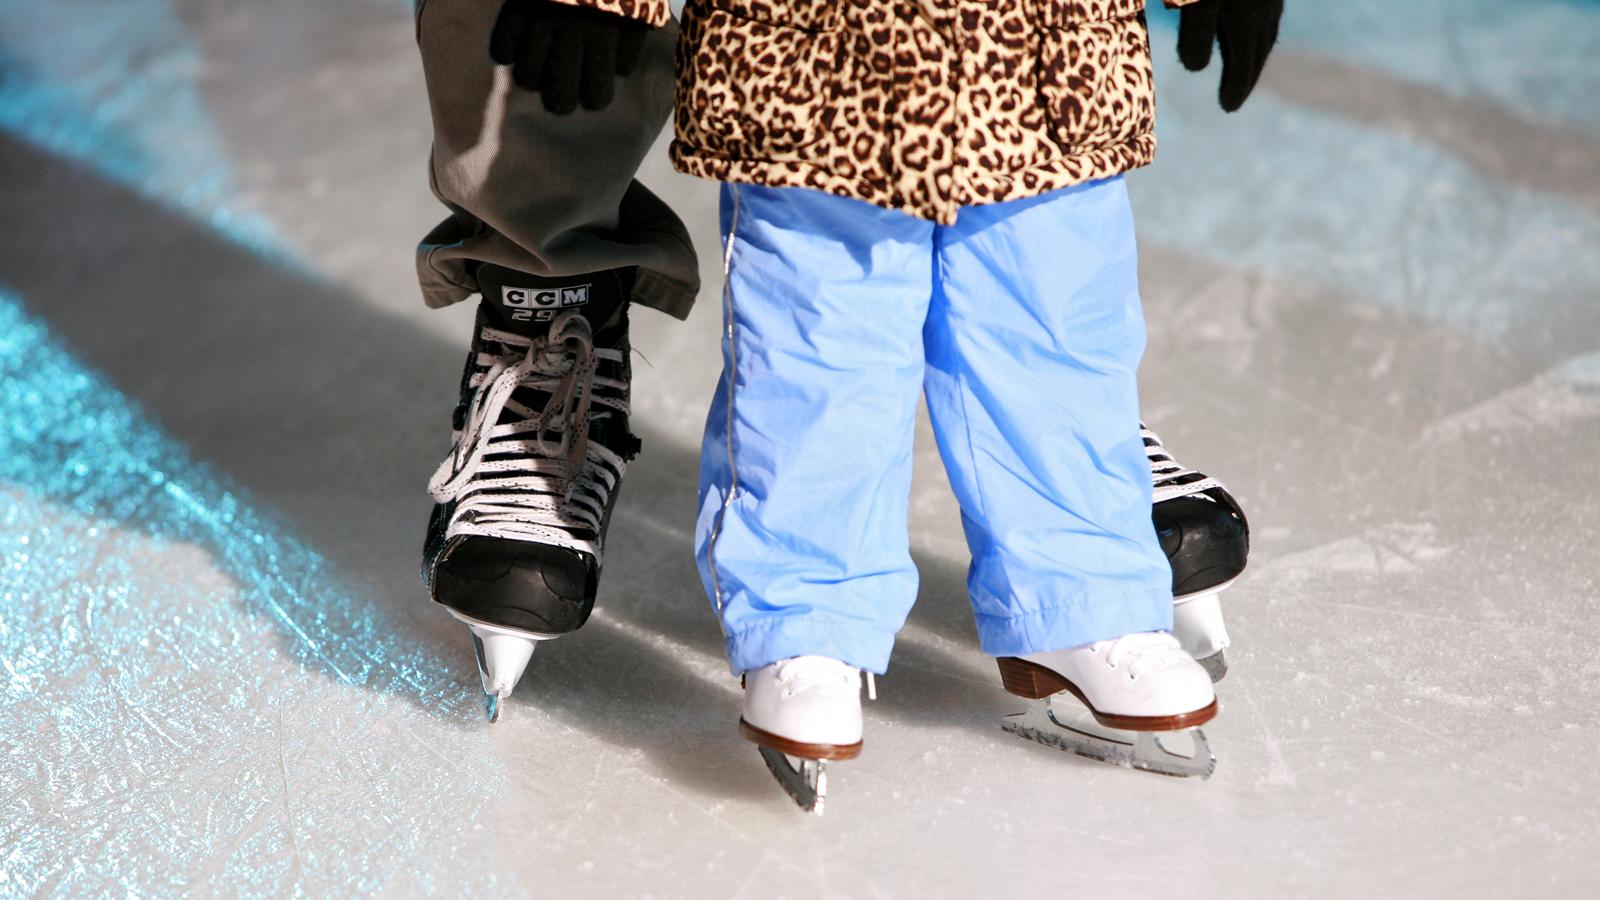 Бесплатно прокатиться на коньках смогут многодетные семьи